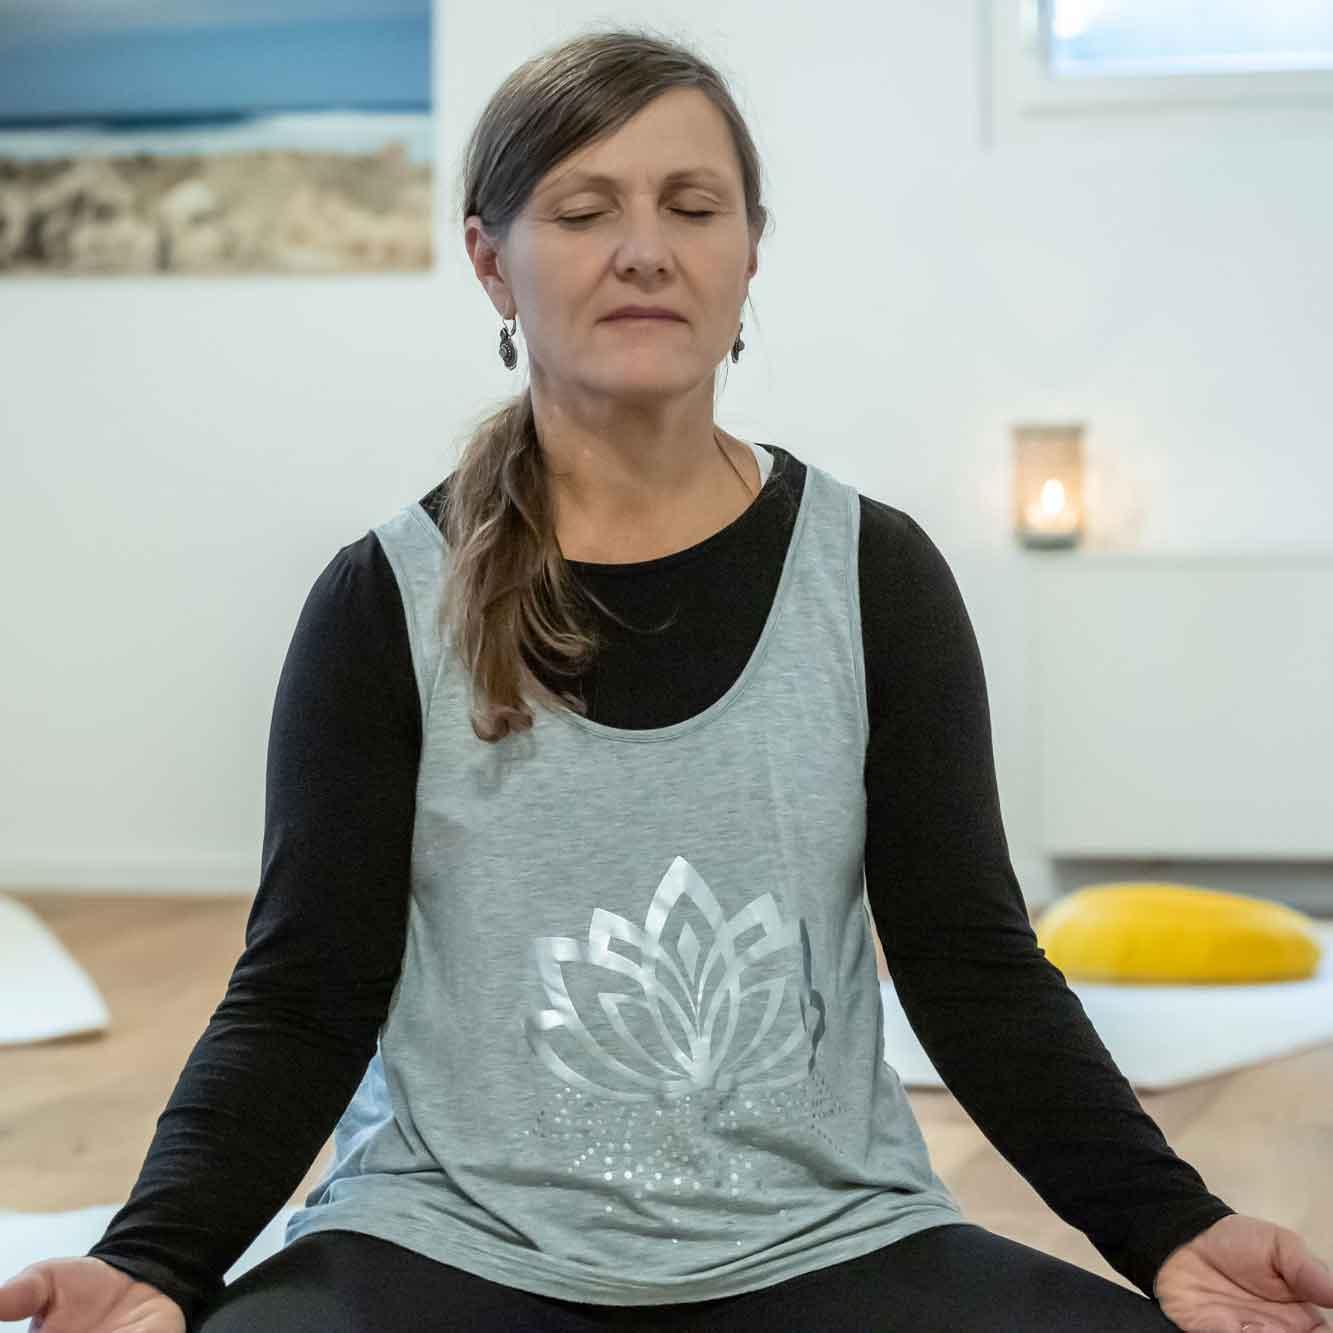 Yoga Gruppenunterricht Muri Karin Amrein